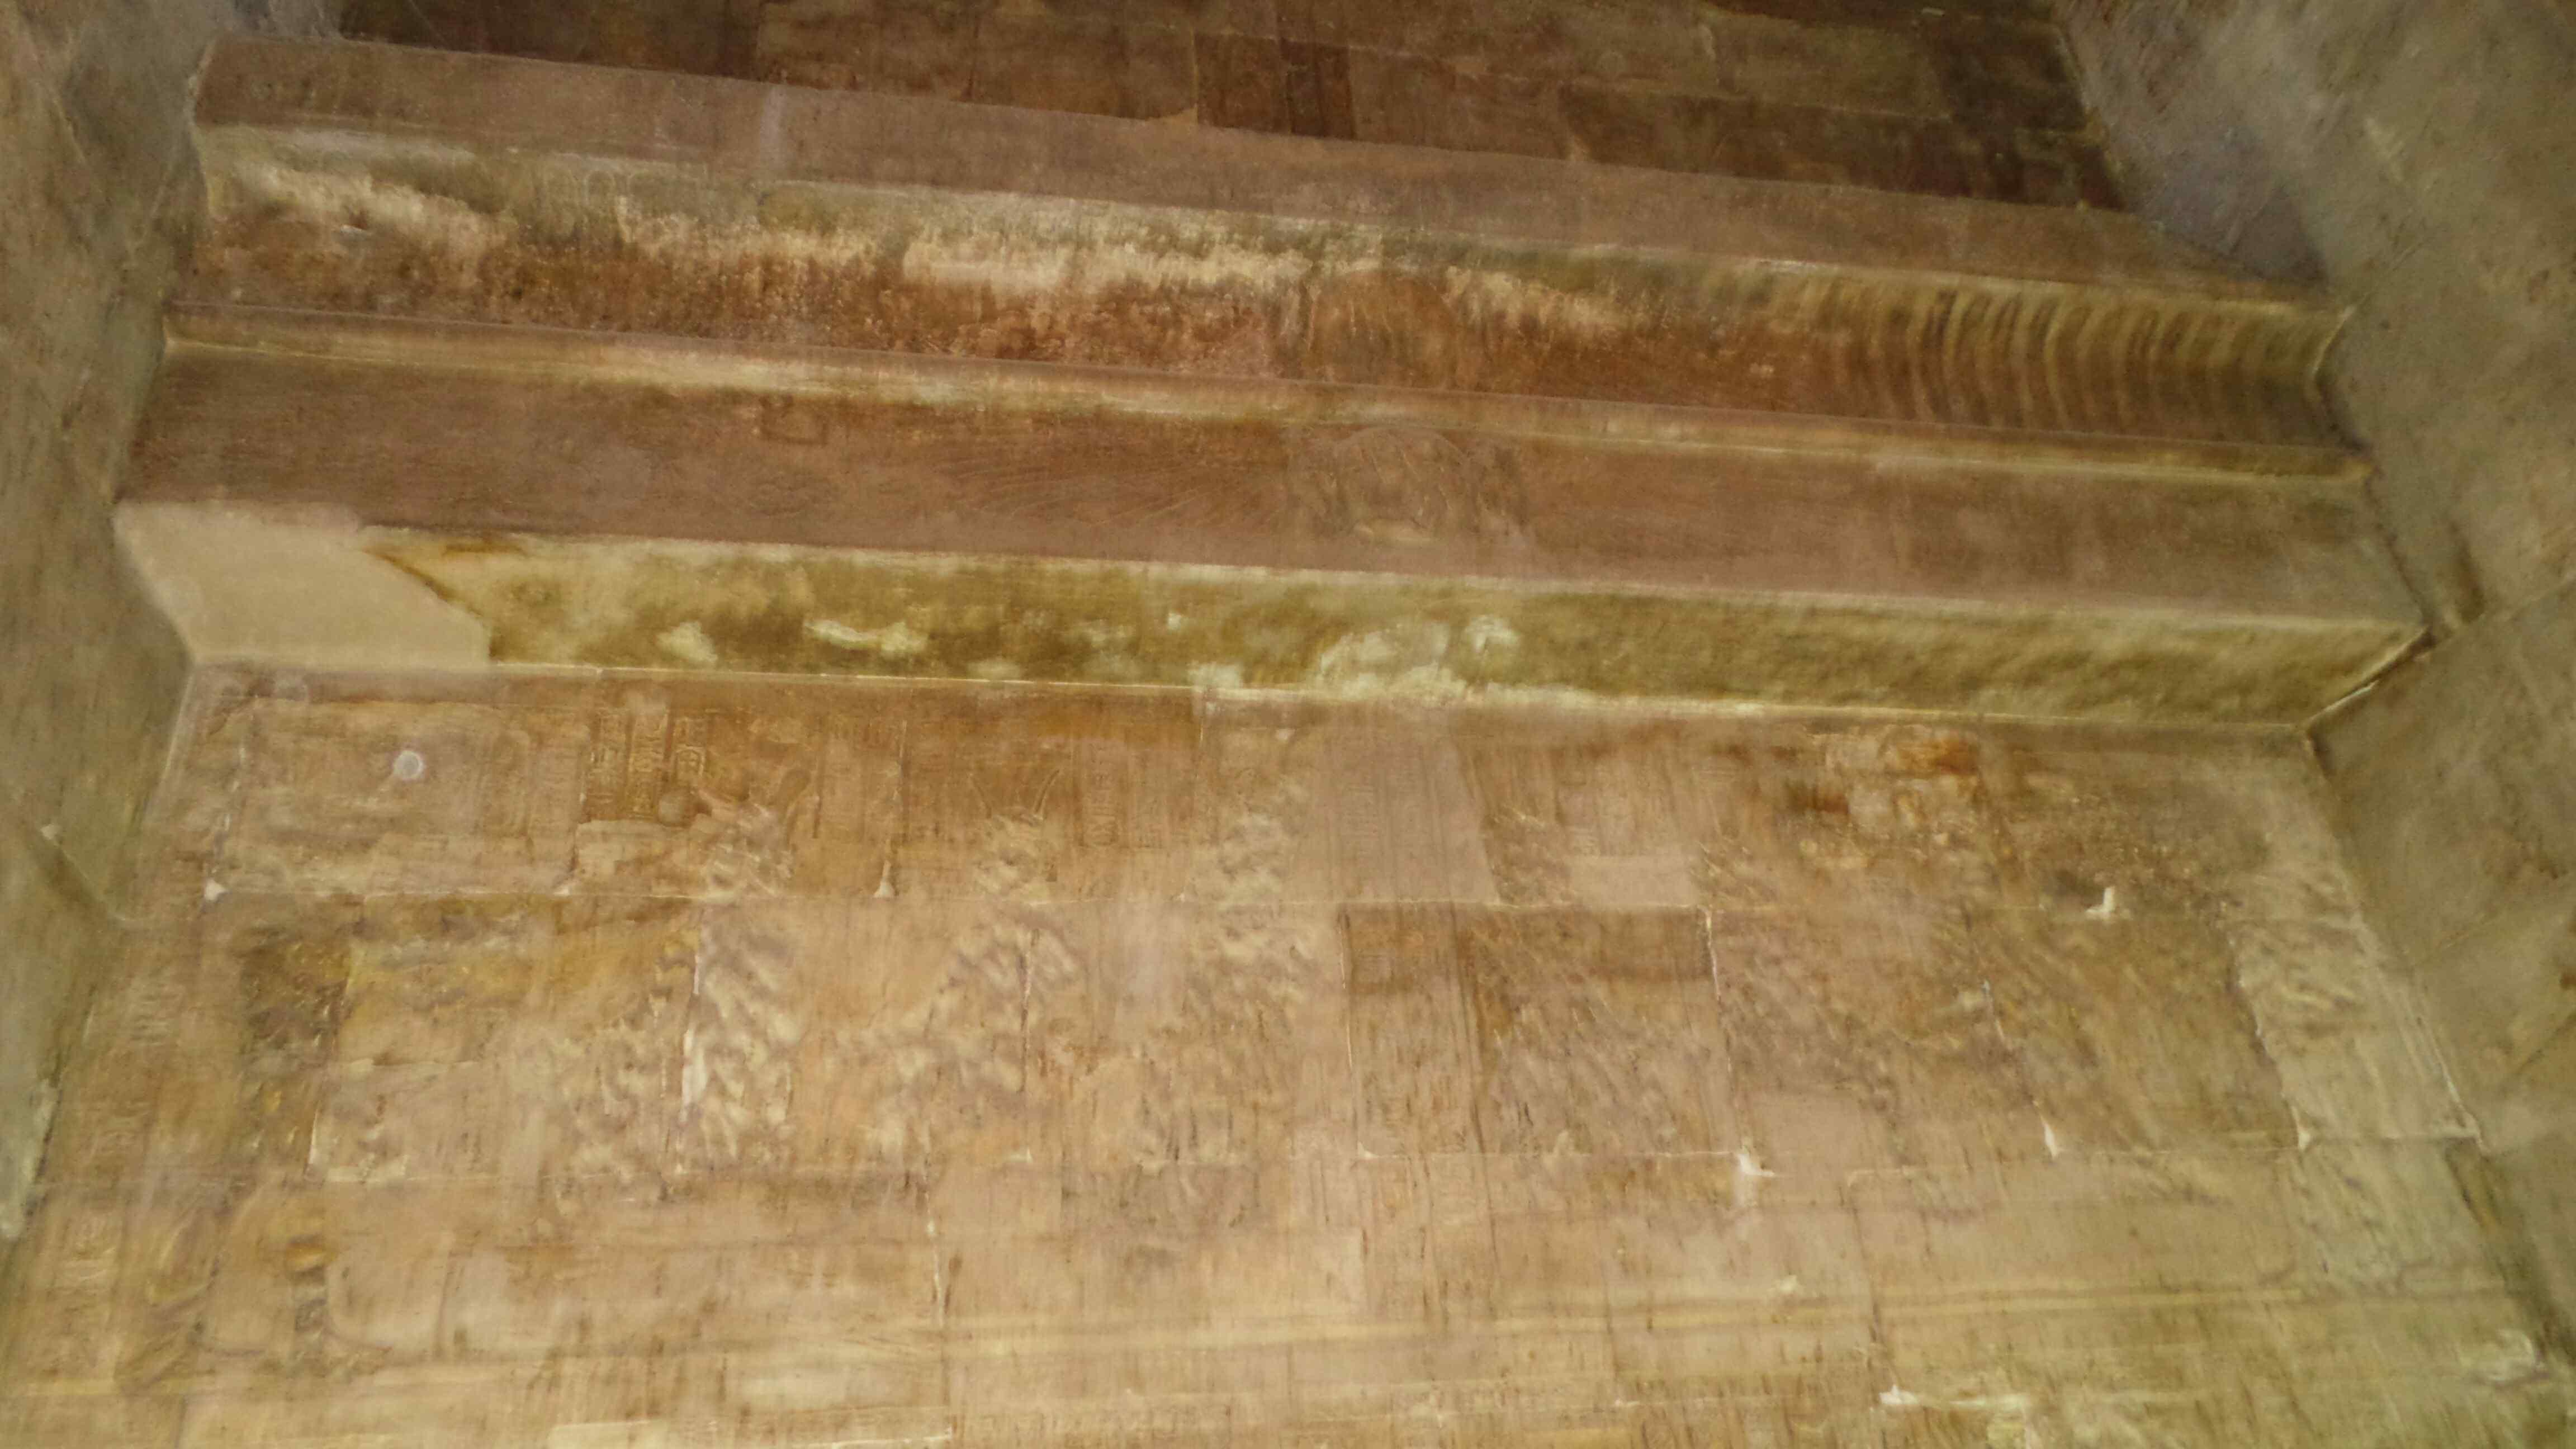 معبد إيزيس بعد افتتاحه بمناسبة عيد أسوان (7)